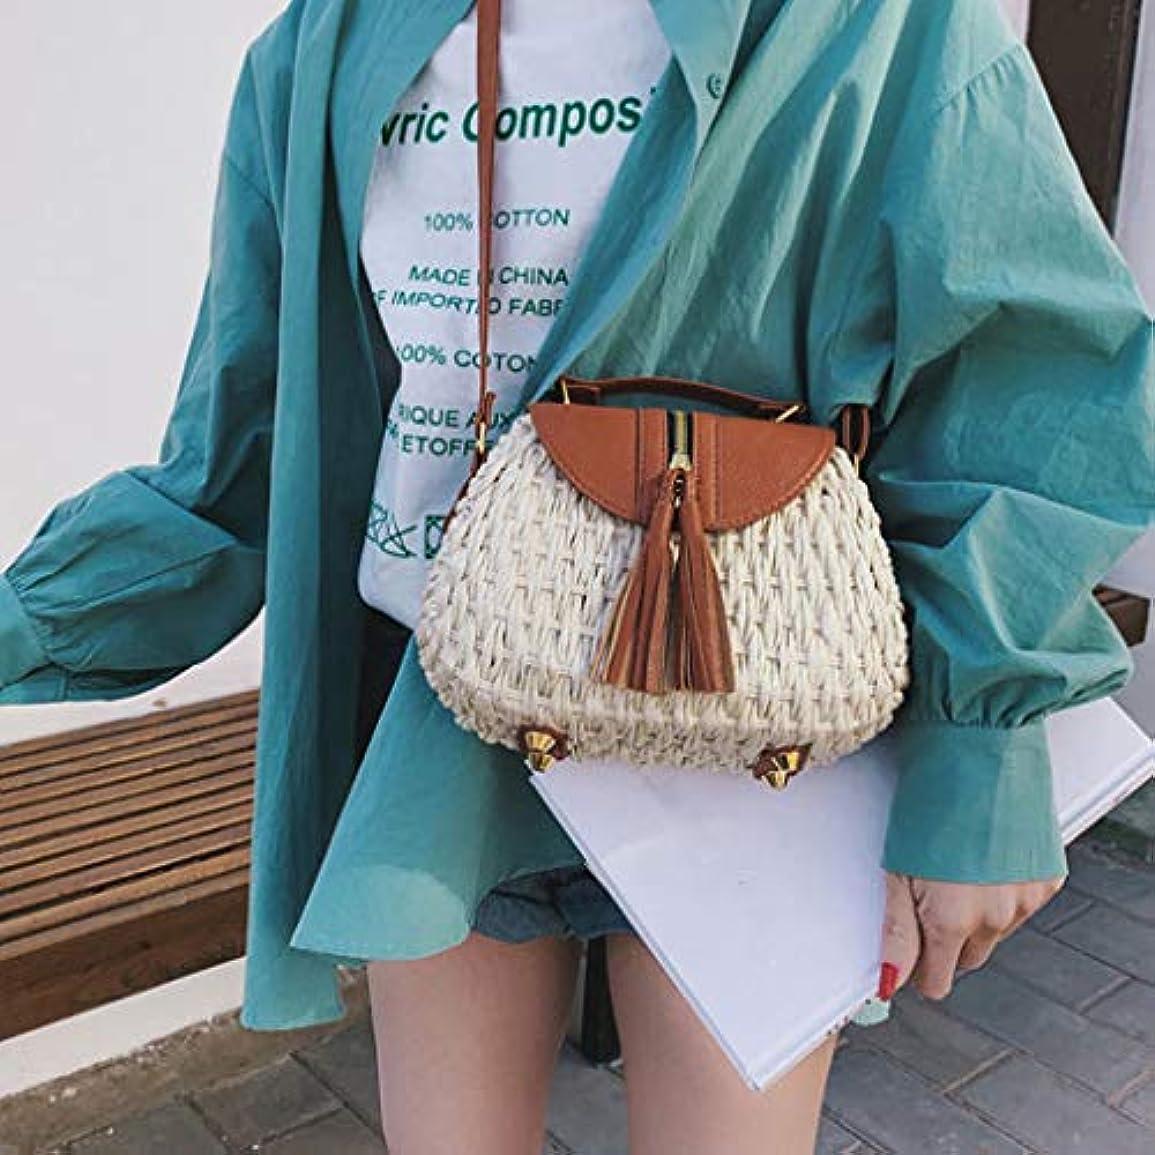 カビシャッター不確実女性の流行のタッセルはショルダー?バッグ、女性浜の余暇のクロスボディ袋を織ります、女性のタッセルは浜様式のメッセンジャー袋を織ります、女性方法対照色のビーチ様式のメッセンジャー袋 (ベージュ)